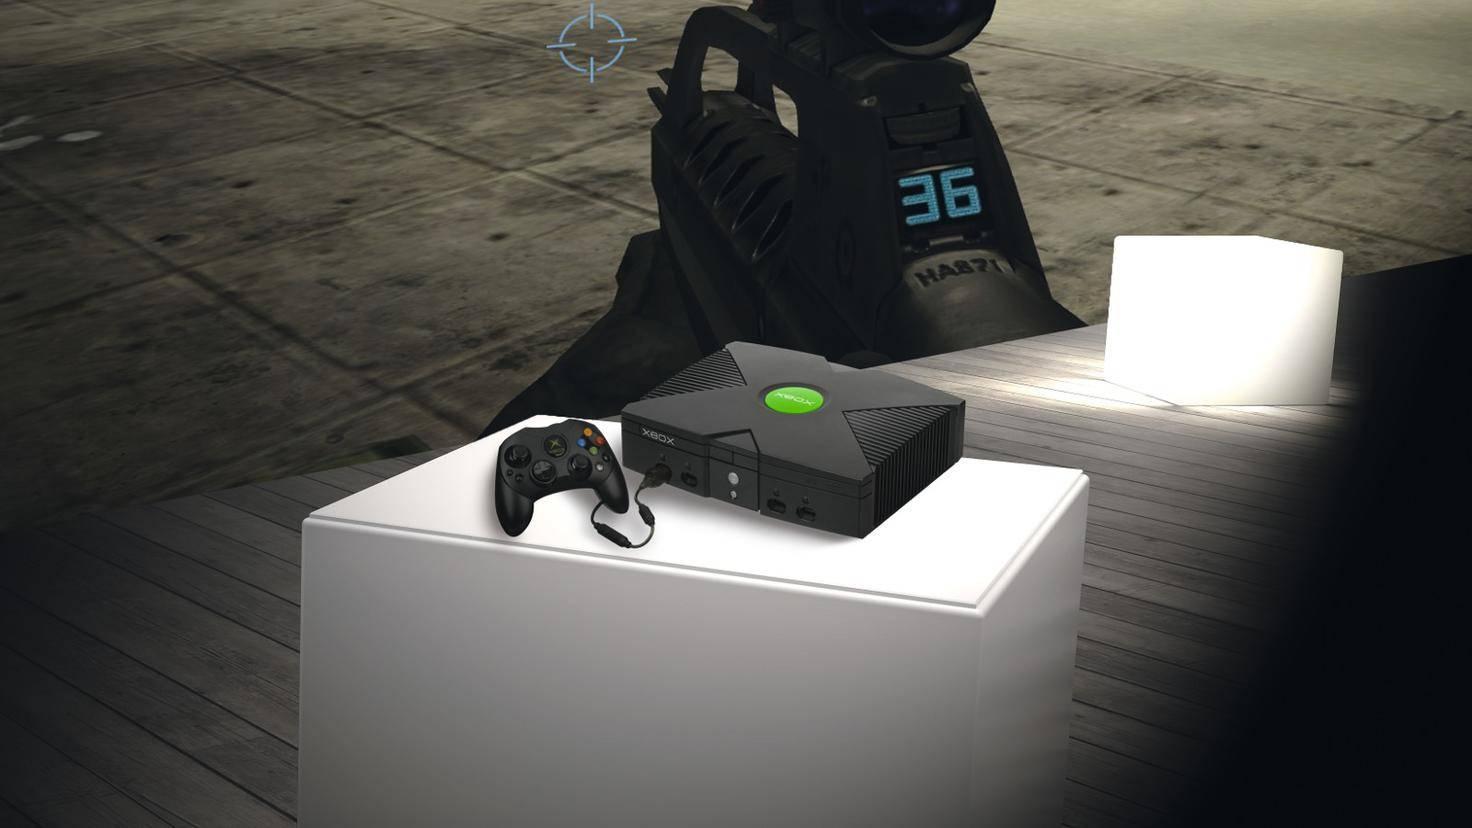 Die Xbox war 2001 eine echte Powerkonsole und konnte sogar zum DVD-Player erweitert werden.